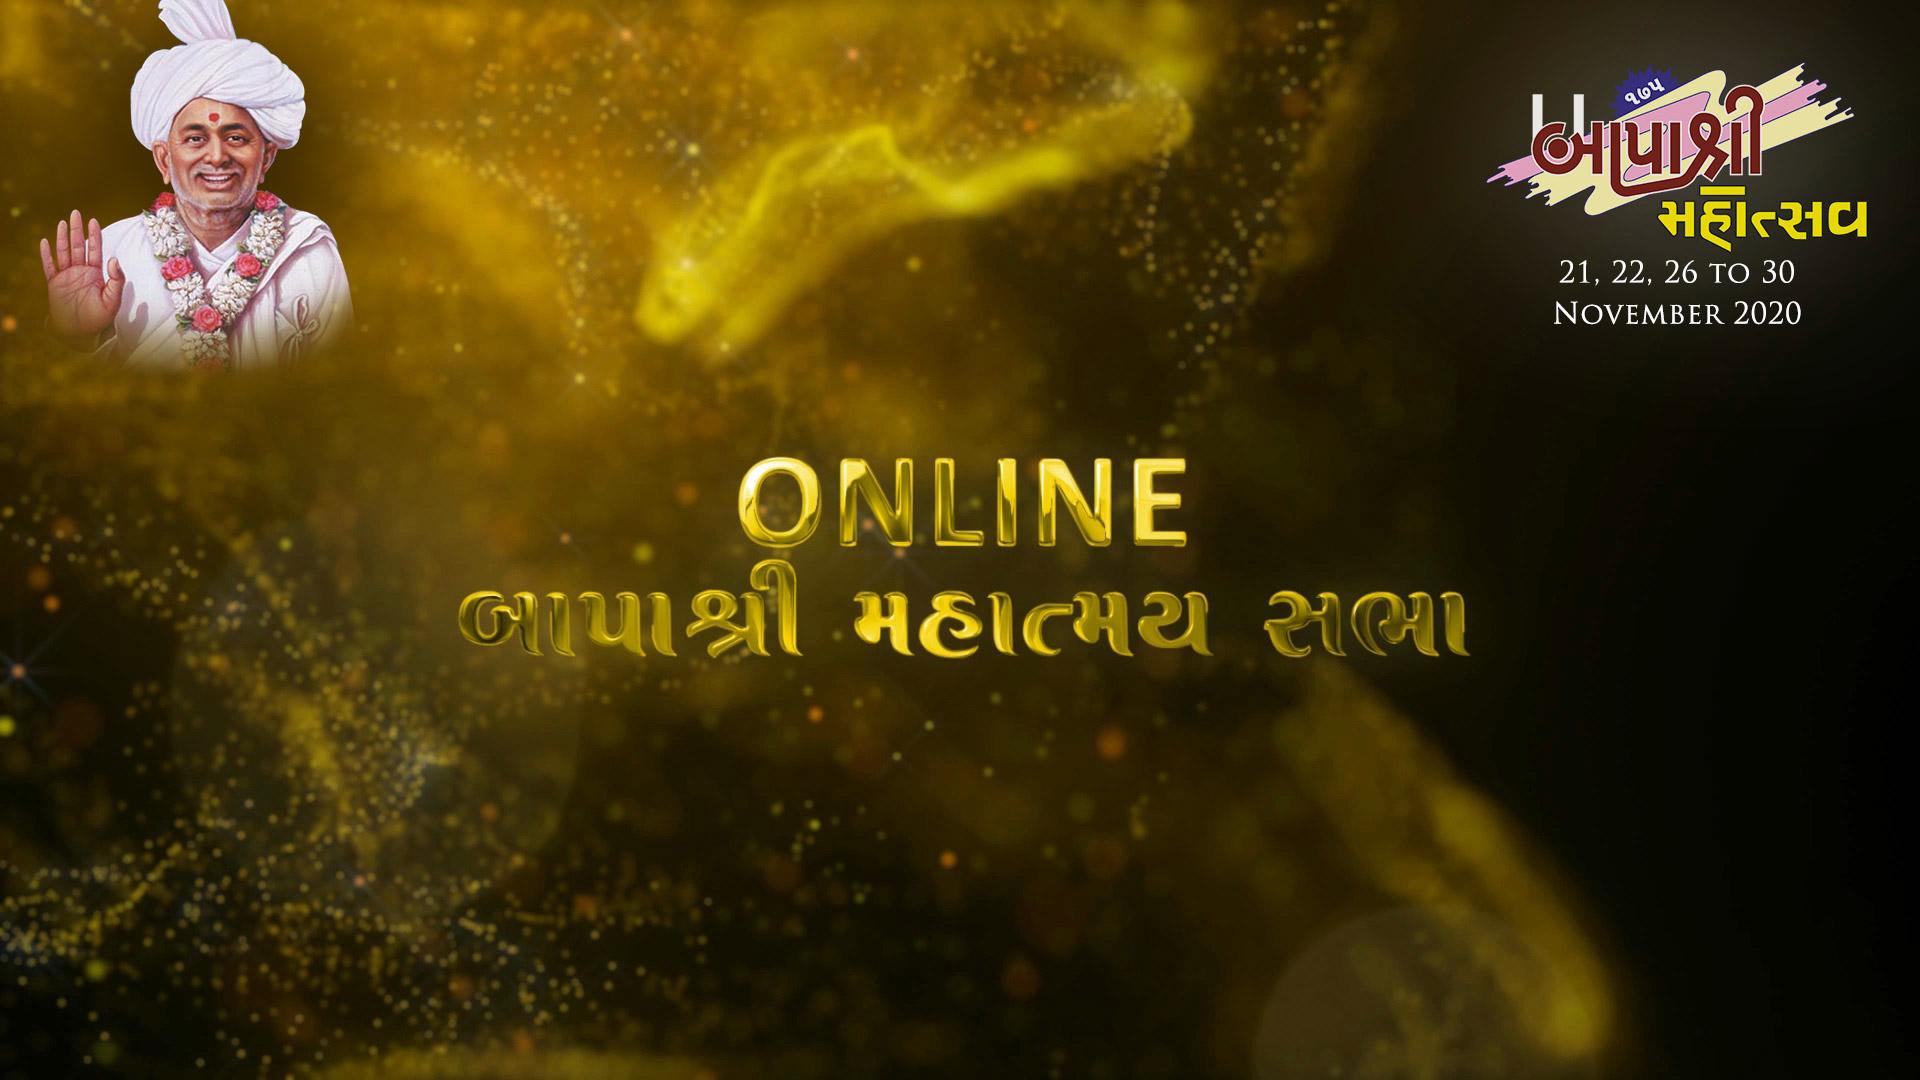 Jivanpran Abji Bapashree Mahatmay Sabha - Promo